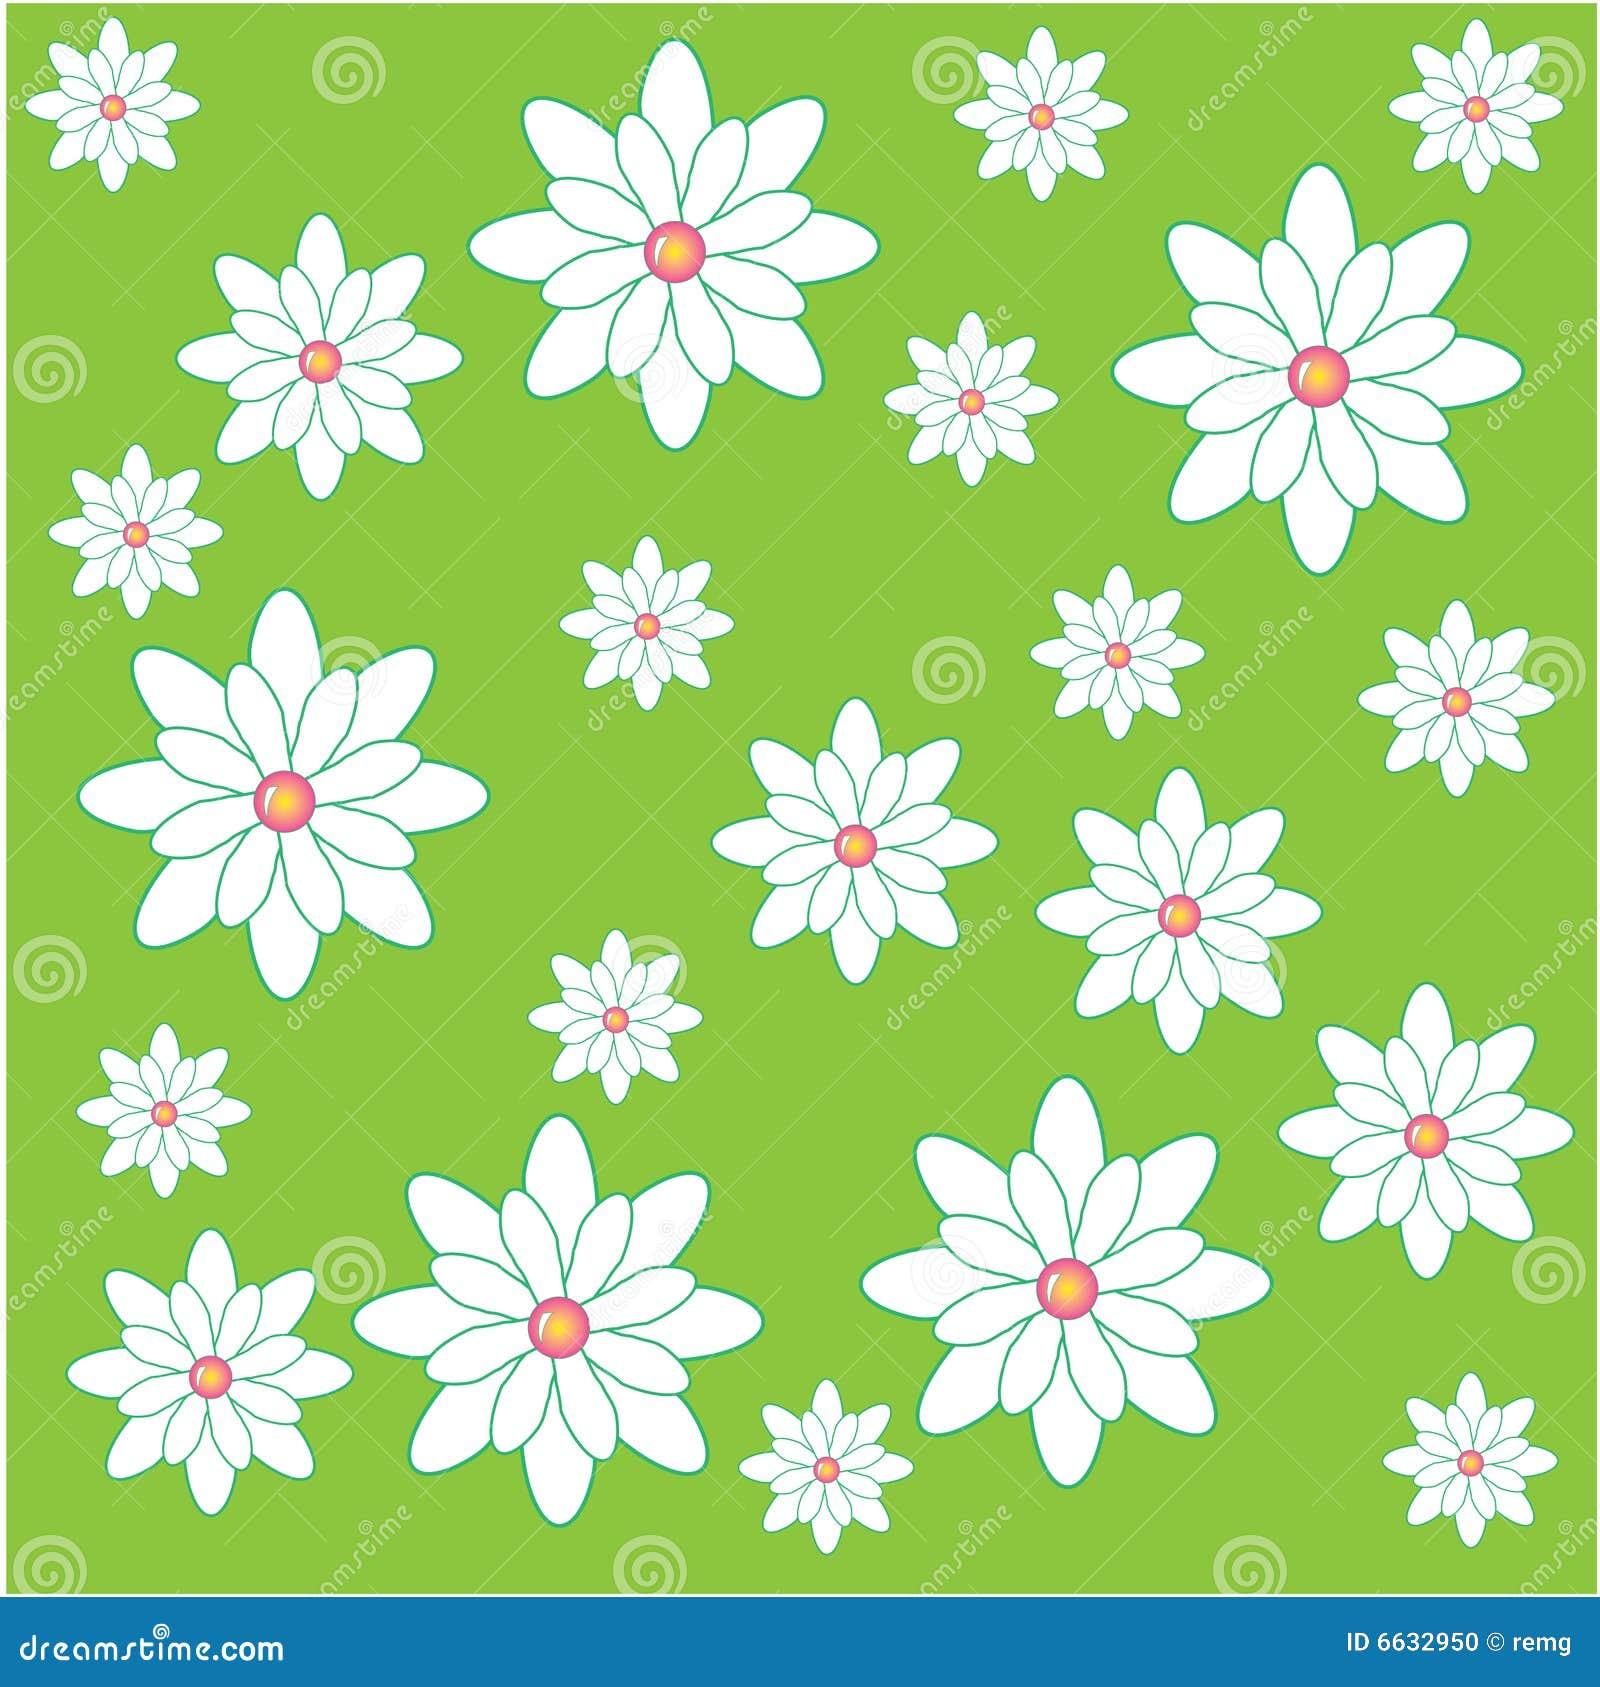 Pretty flower pattern pretty flower pattern photo9 mightylinksfo